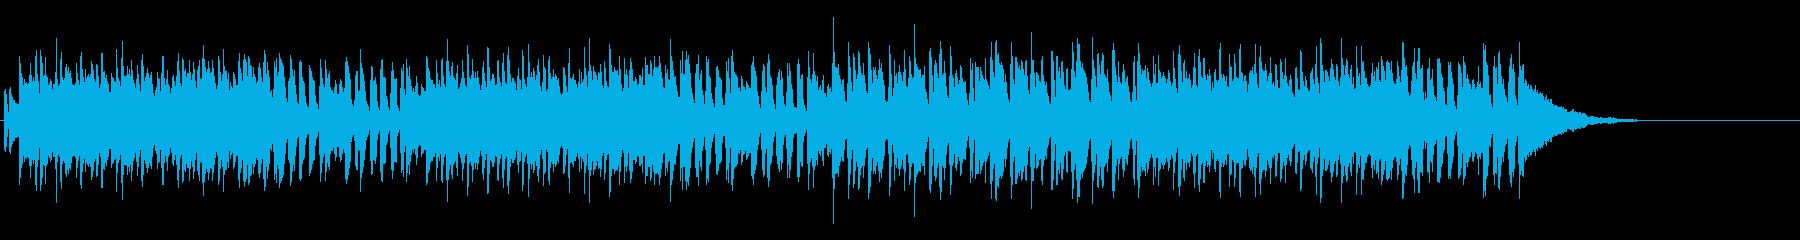 ムーディーな大人のボサノバ・サウンドの再生済みの波形